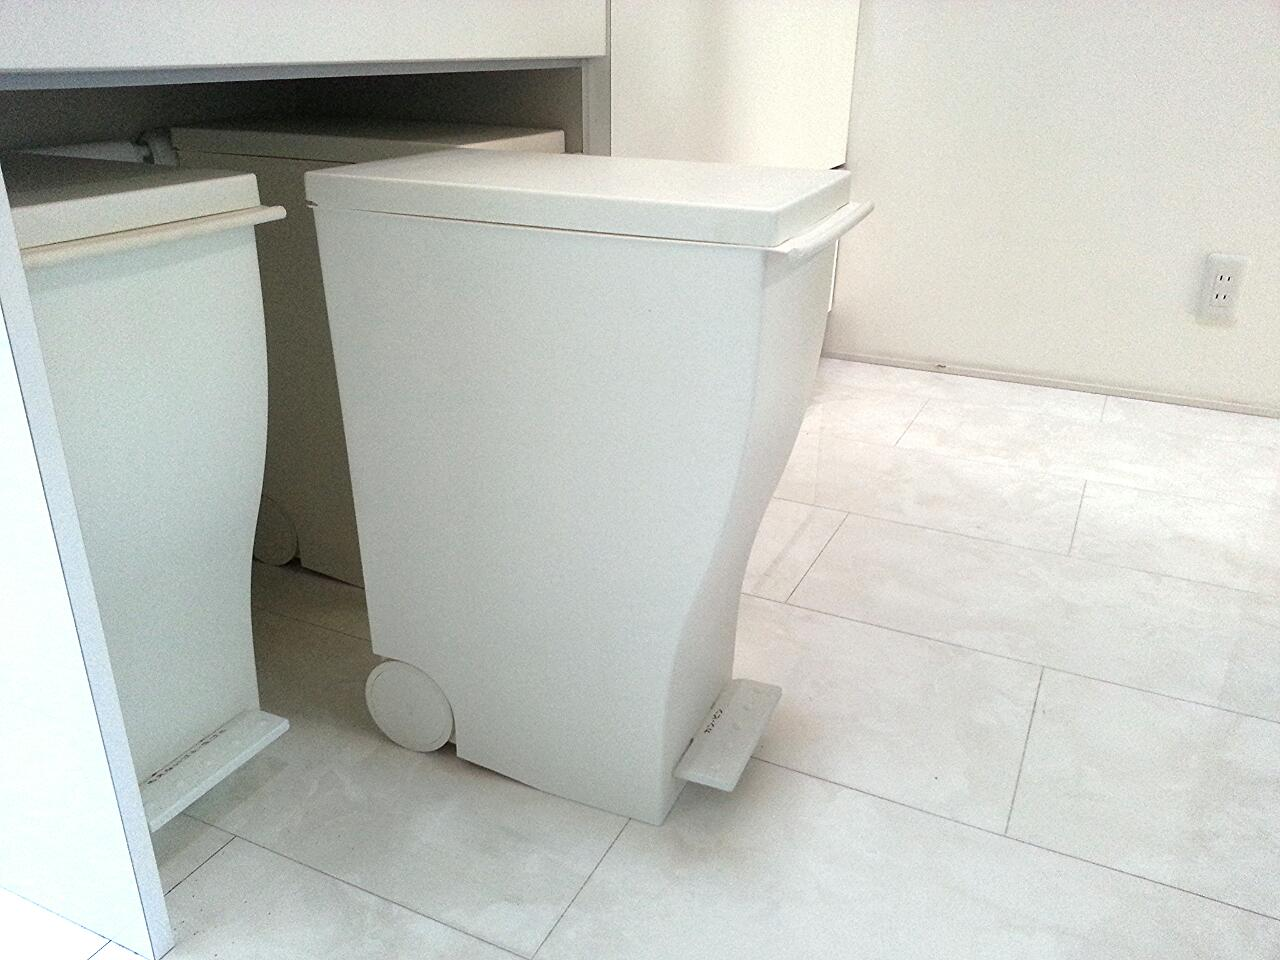 クード スリムペダル ゴミ箱 ホワイトインテリア